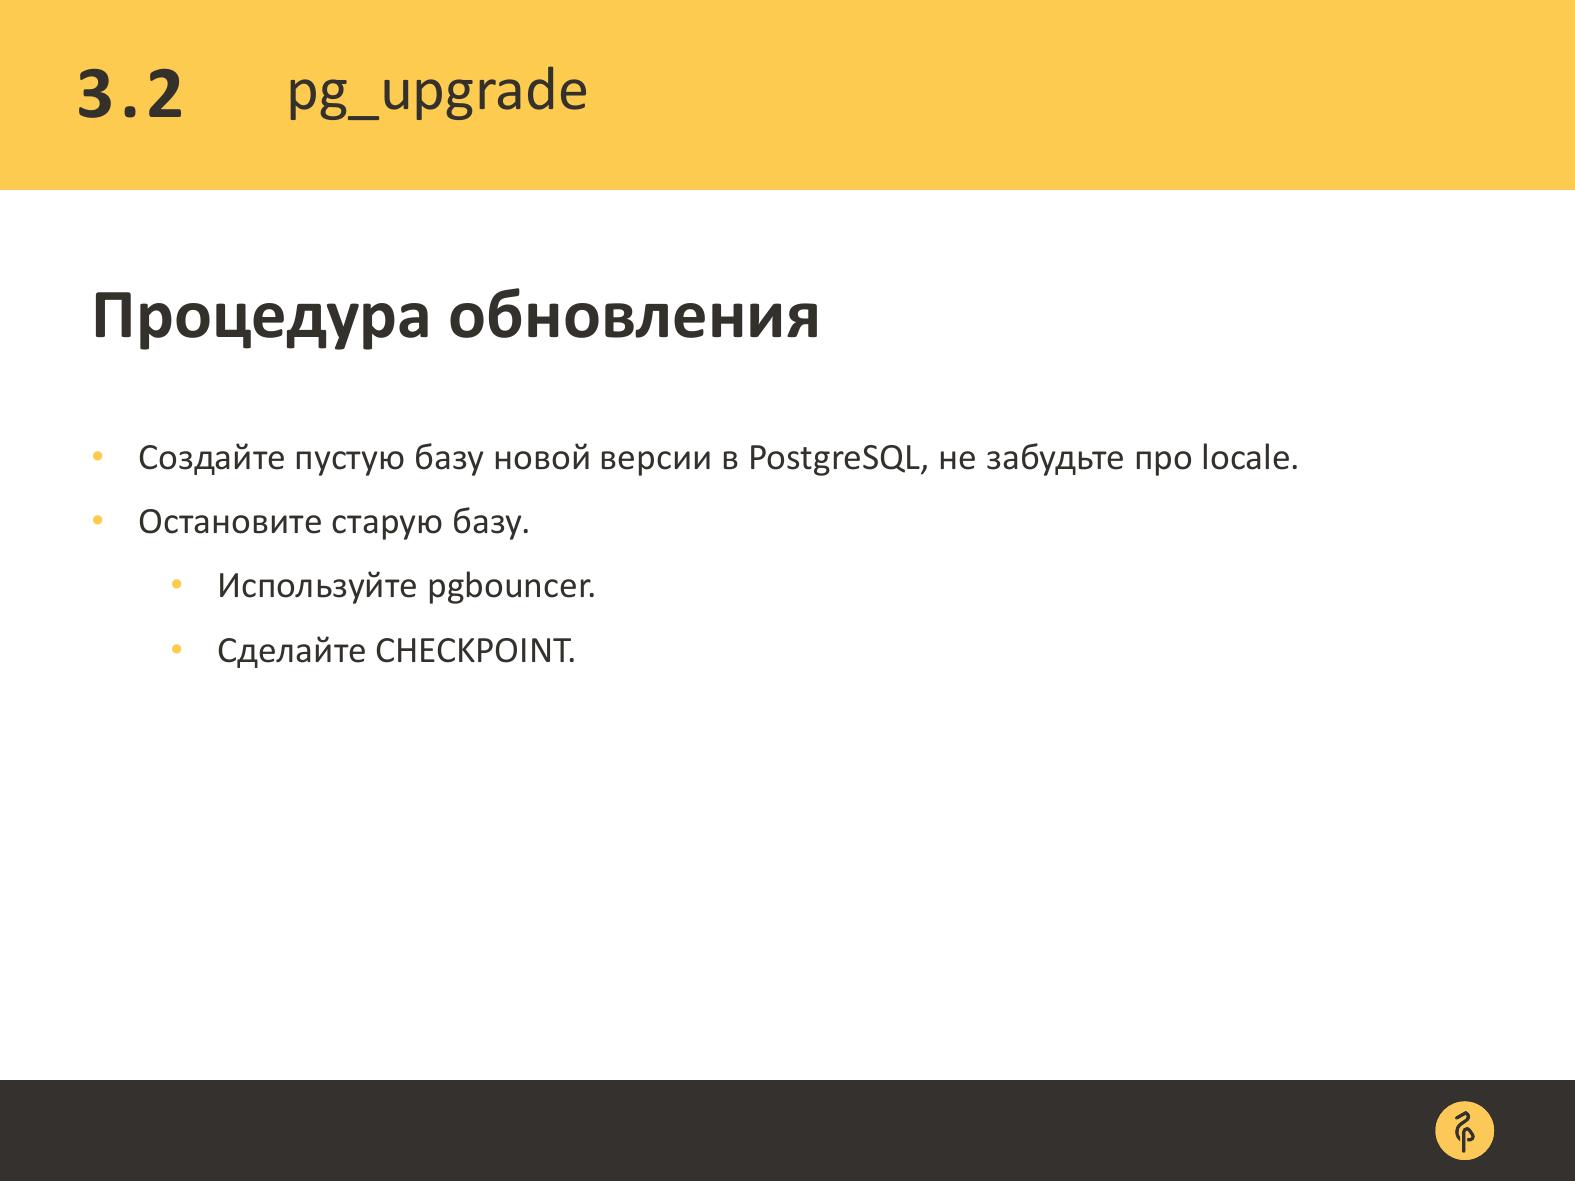 Практика обновления версий PostgreSQL. Андрей Сальников - 17